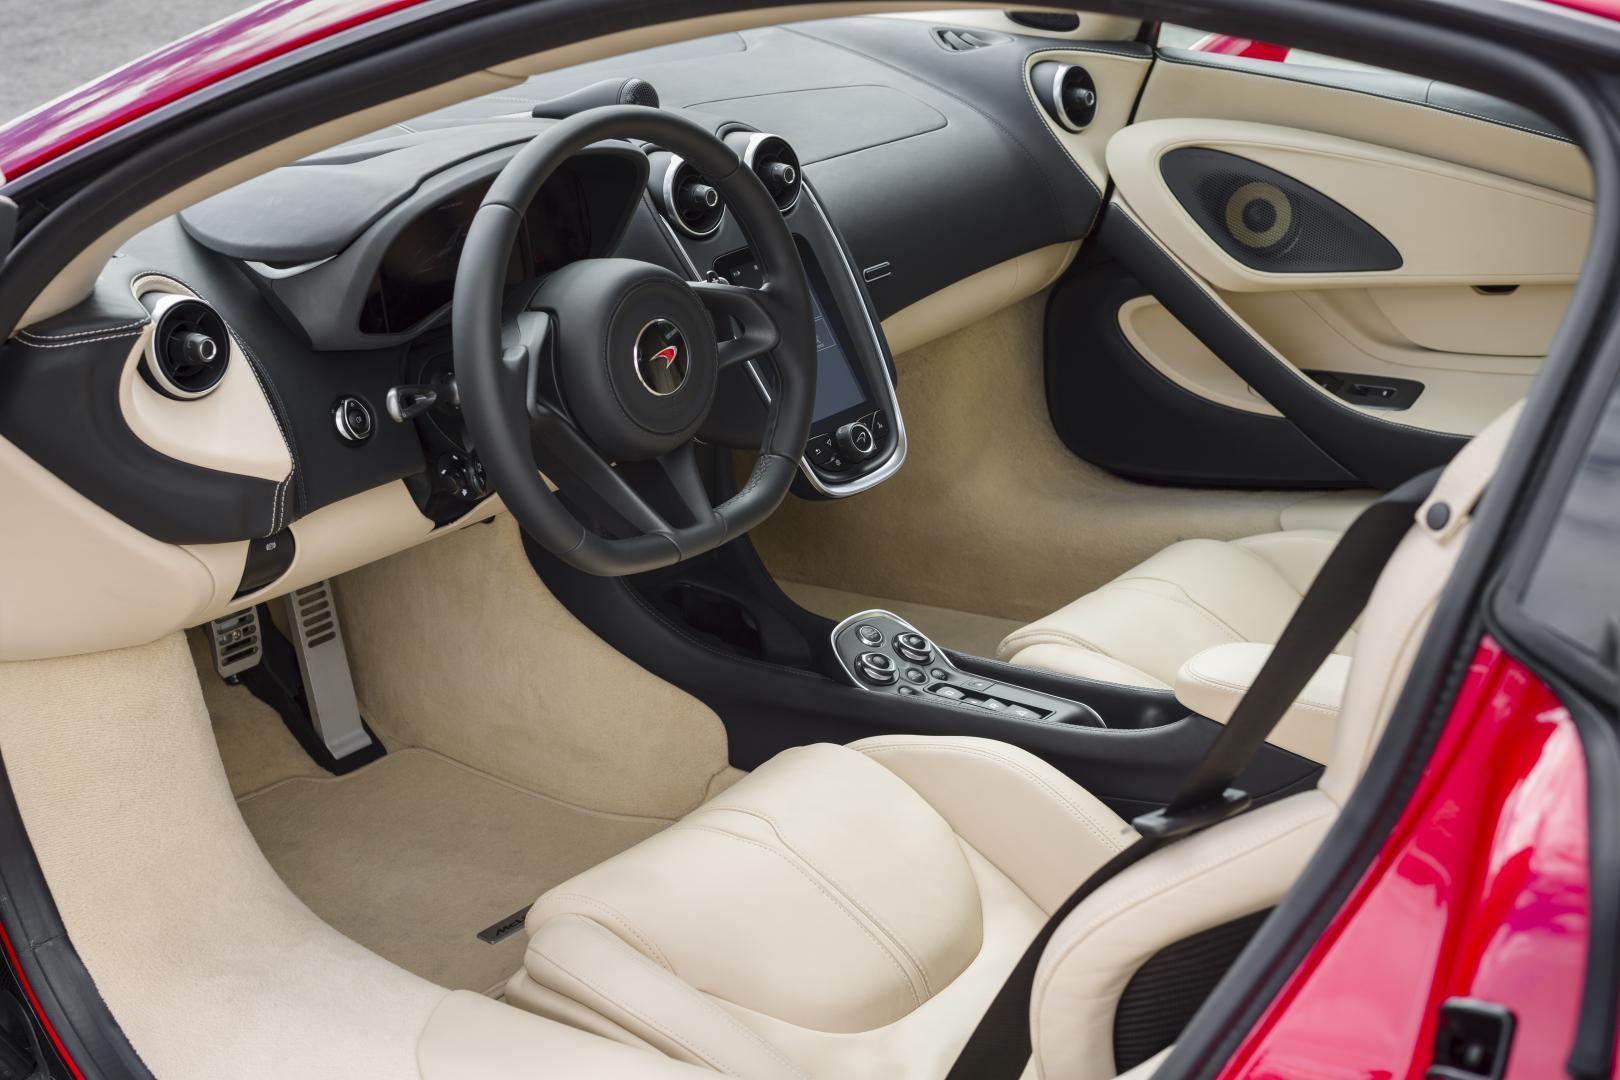 McLaren 540C interieur (2016)